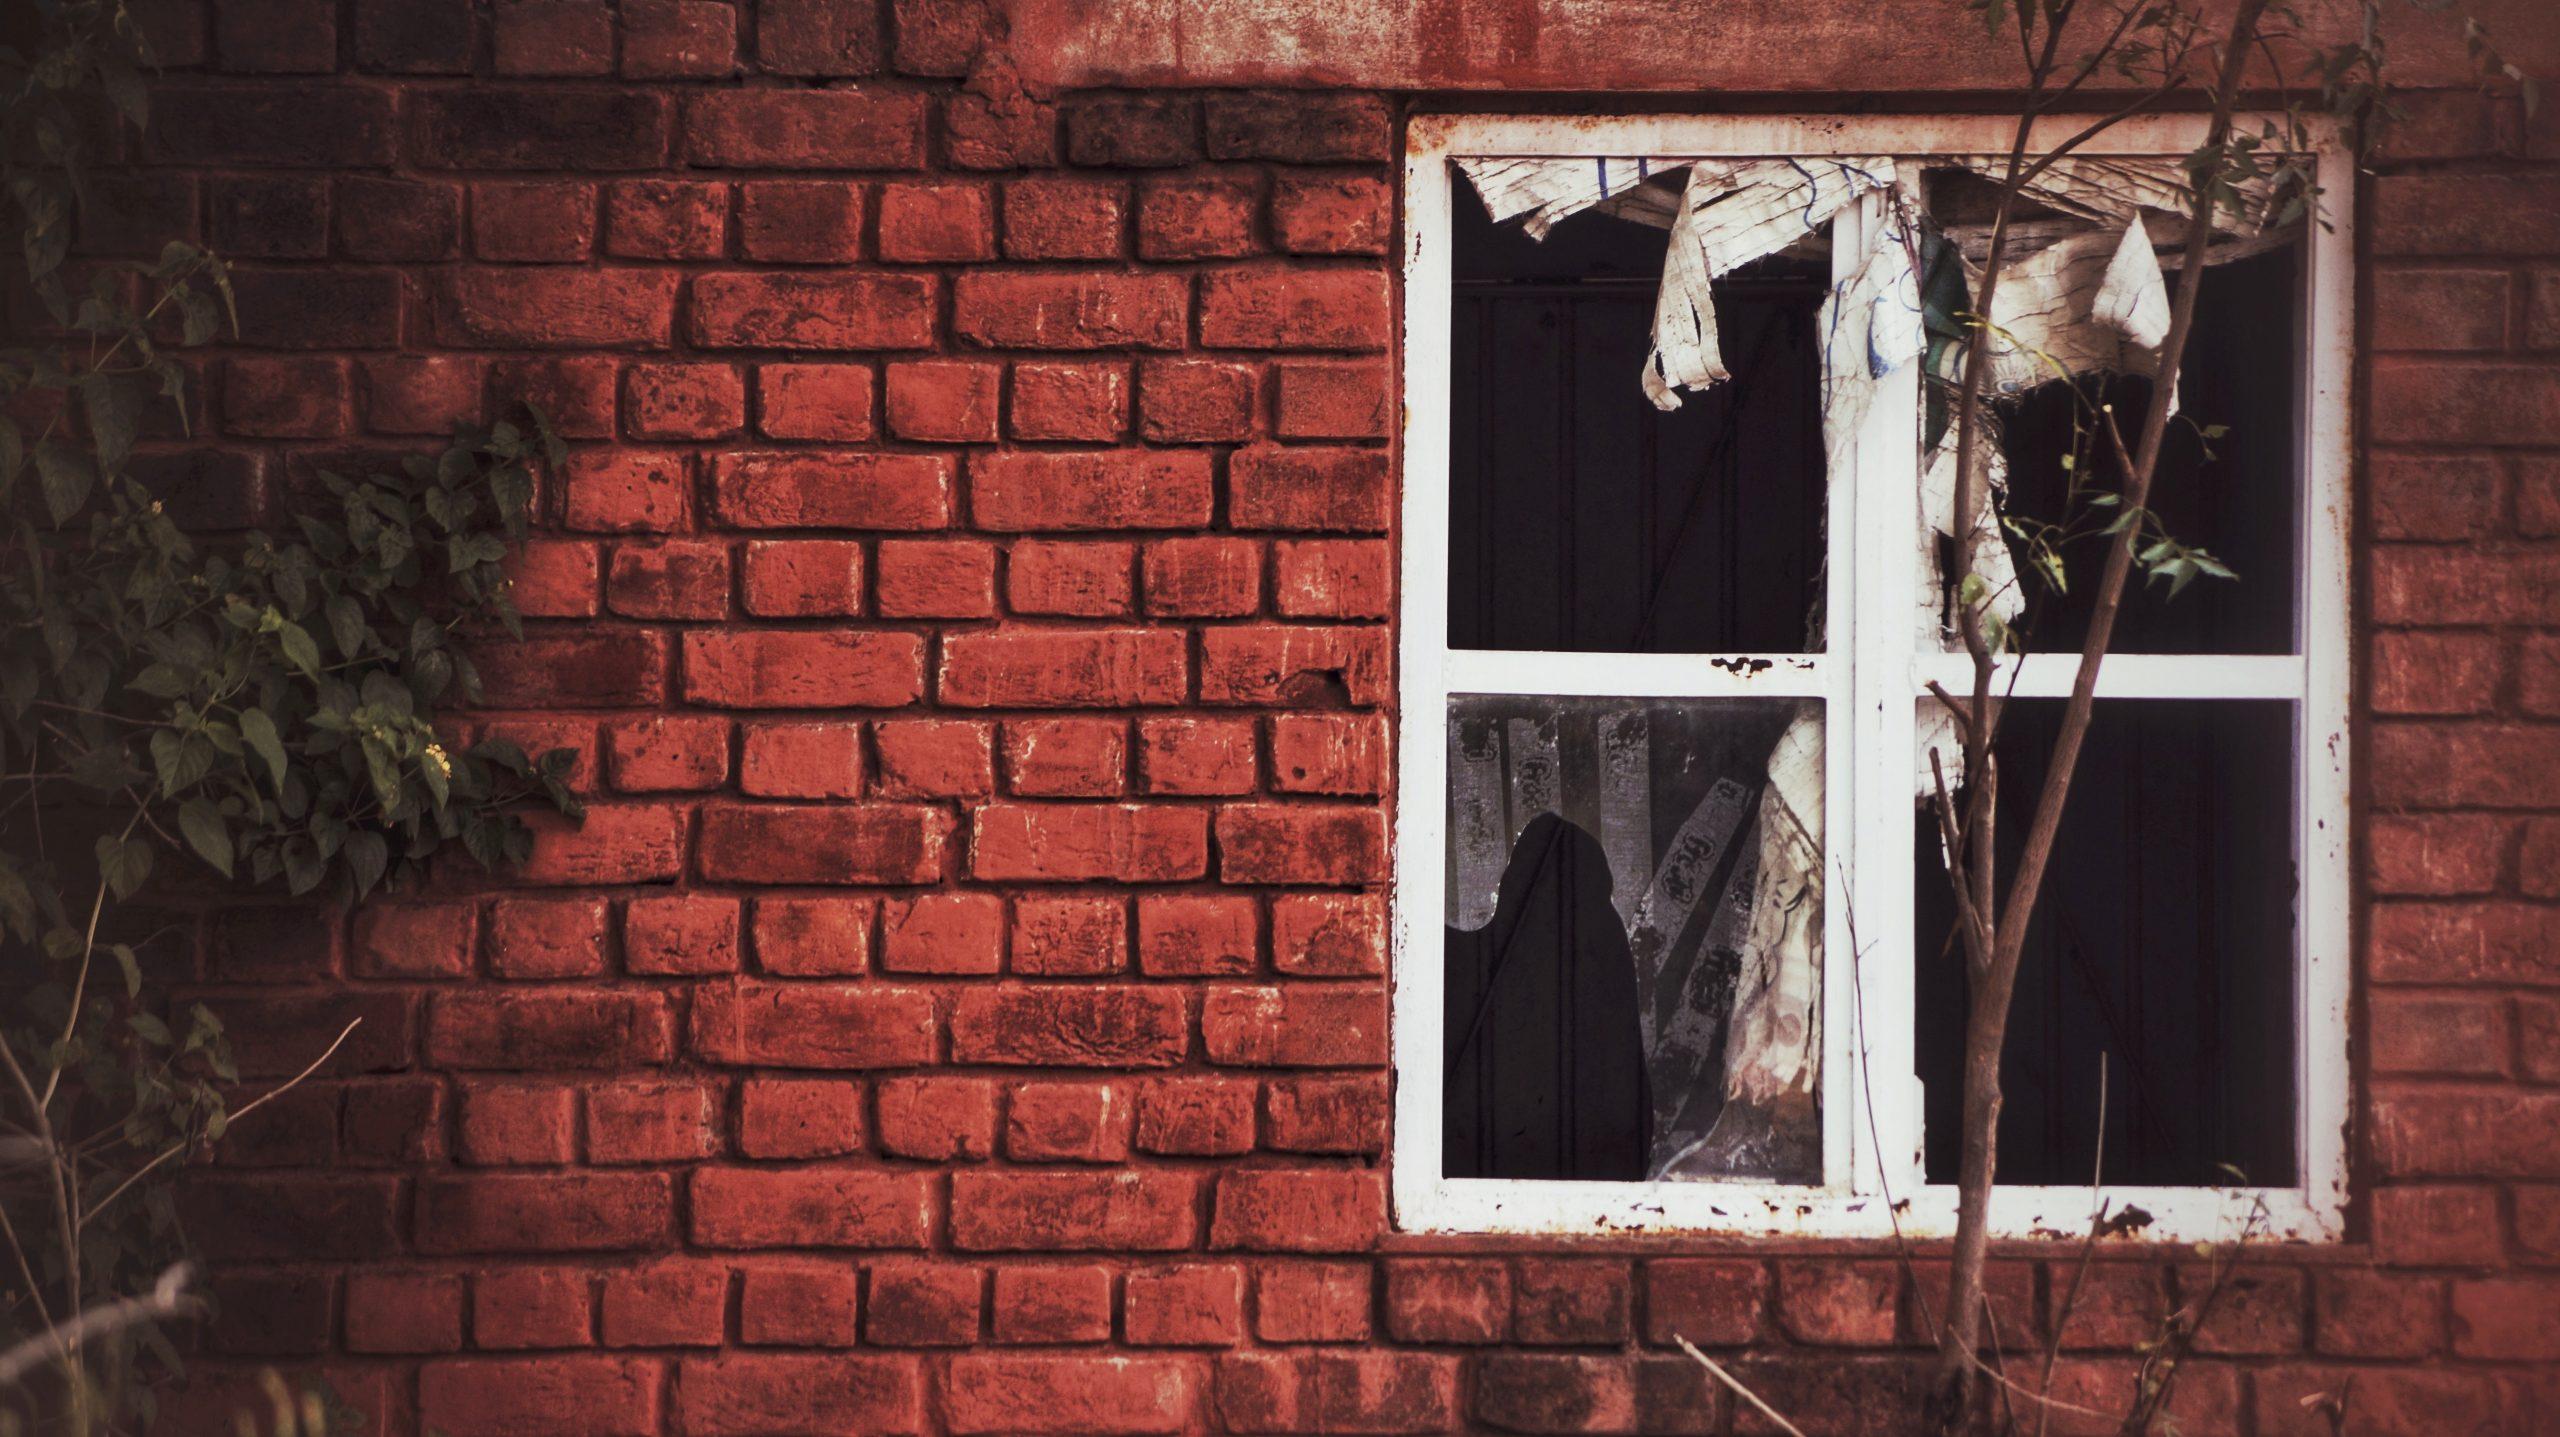 Wrecked and Broken Window